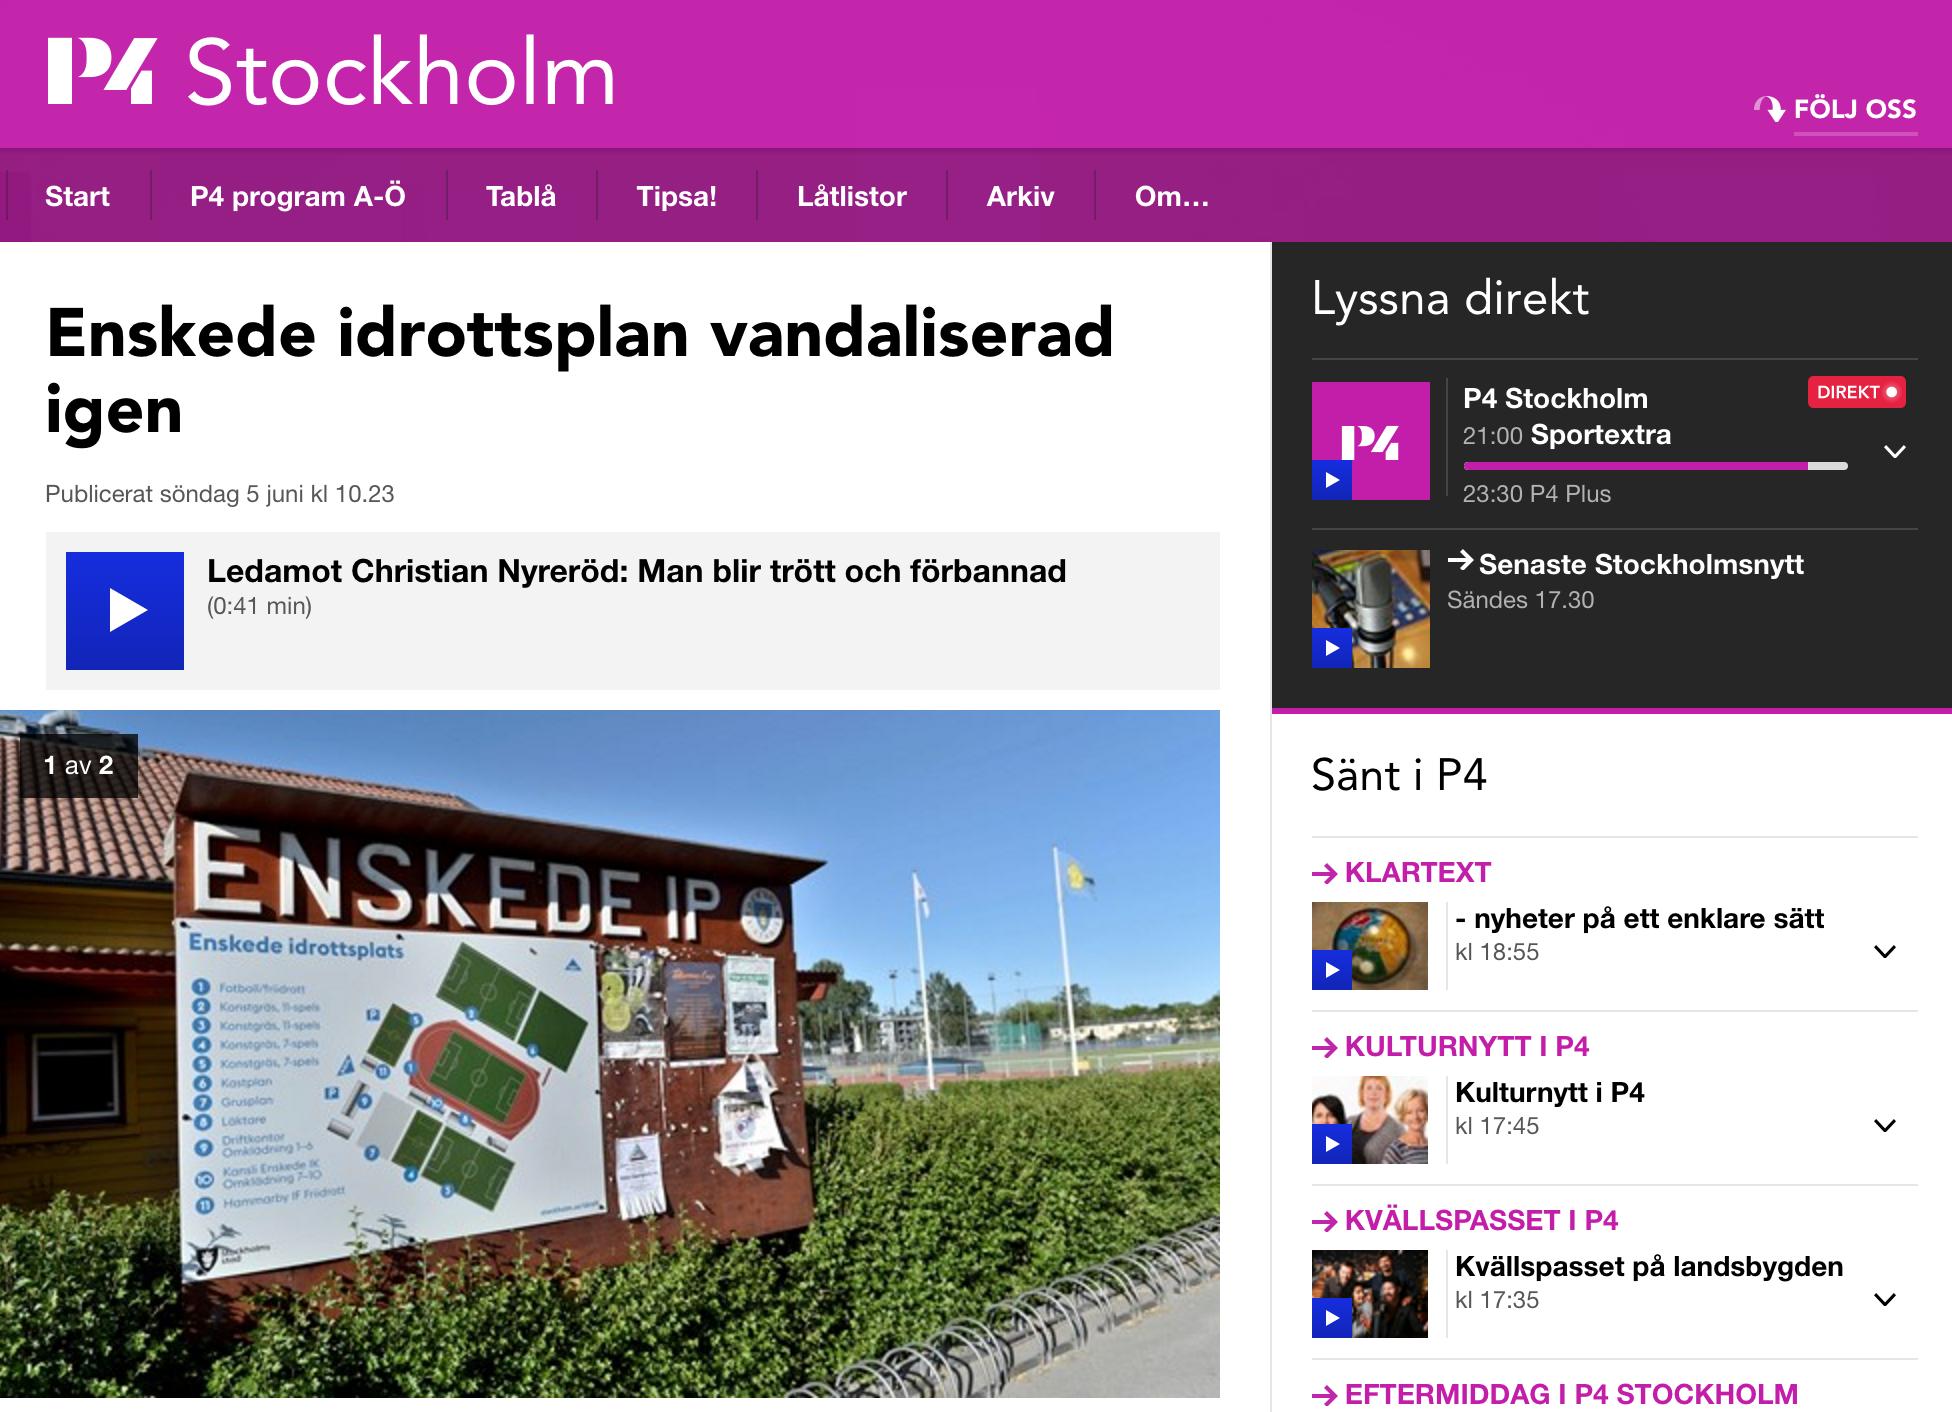 P4 Stockholm rapporterar om vandalisering på Enskede IK inför Tillsammans Cup